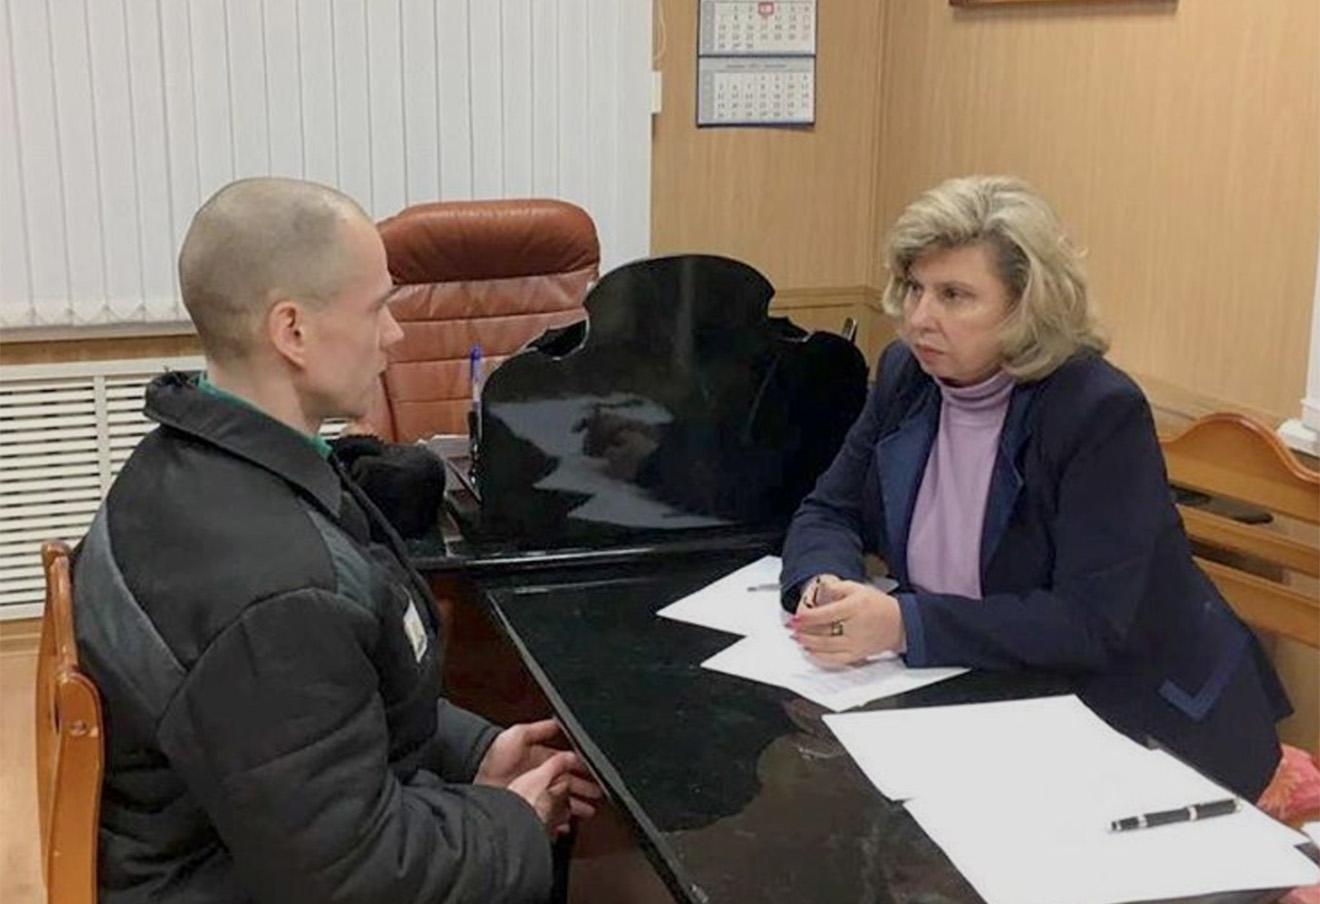 Ильдар Дадин и Татьяна Москалькова в ИК-7, 3 ноября 2016 года. Фото: moskalkova.official / Instagram